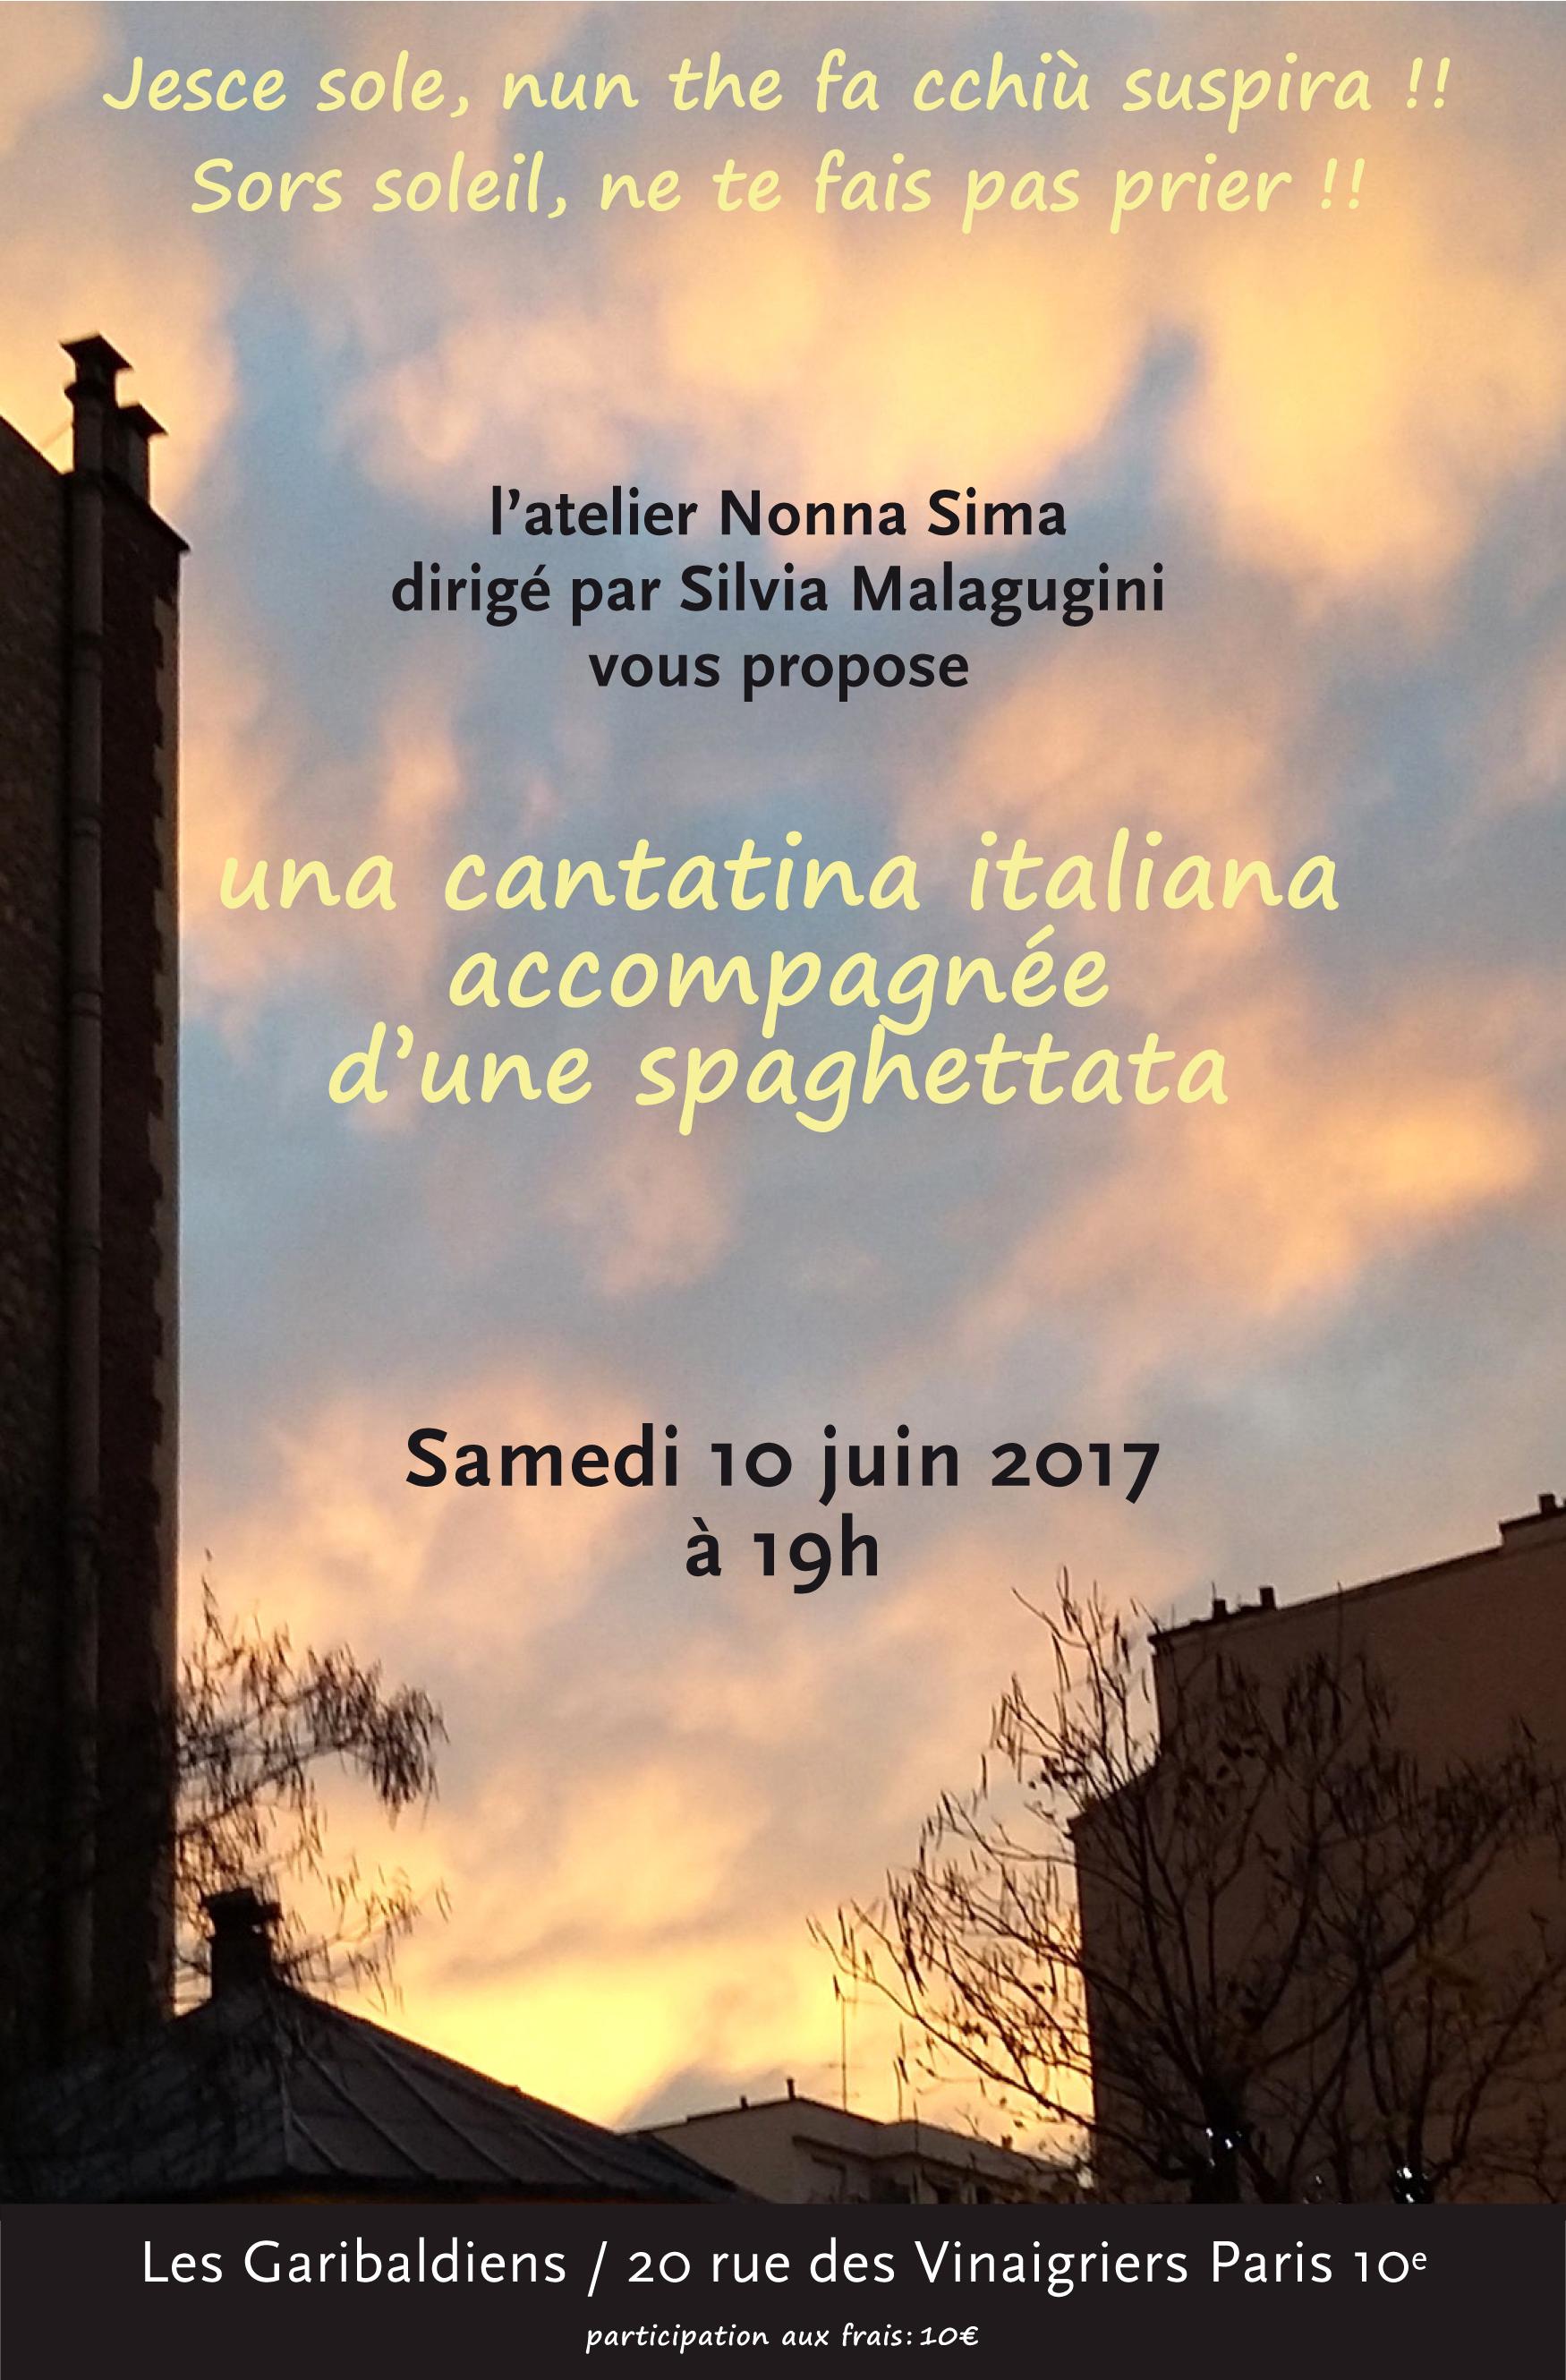 Invitation à 2 concerts avec pasta au local des Garibaldiens par Silvia MALAGUGINI